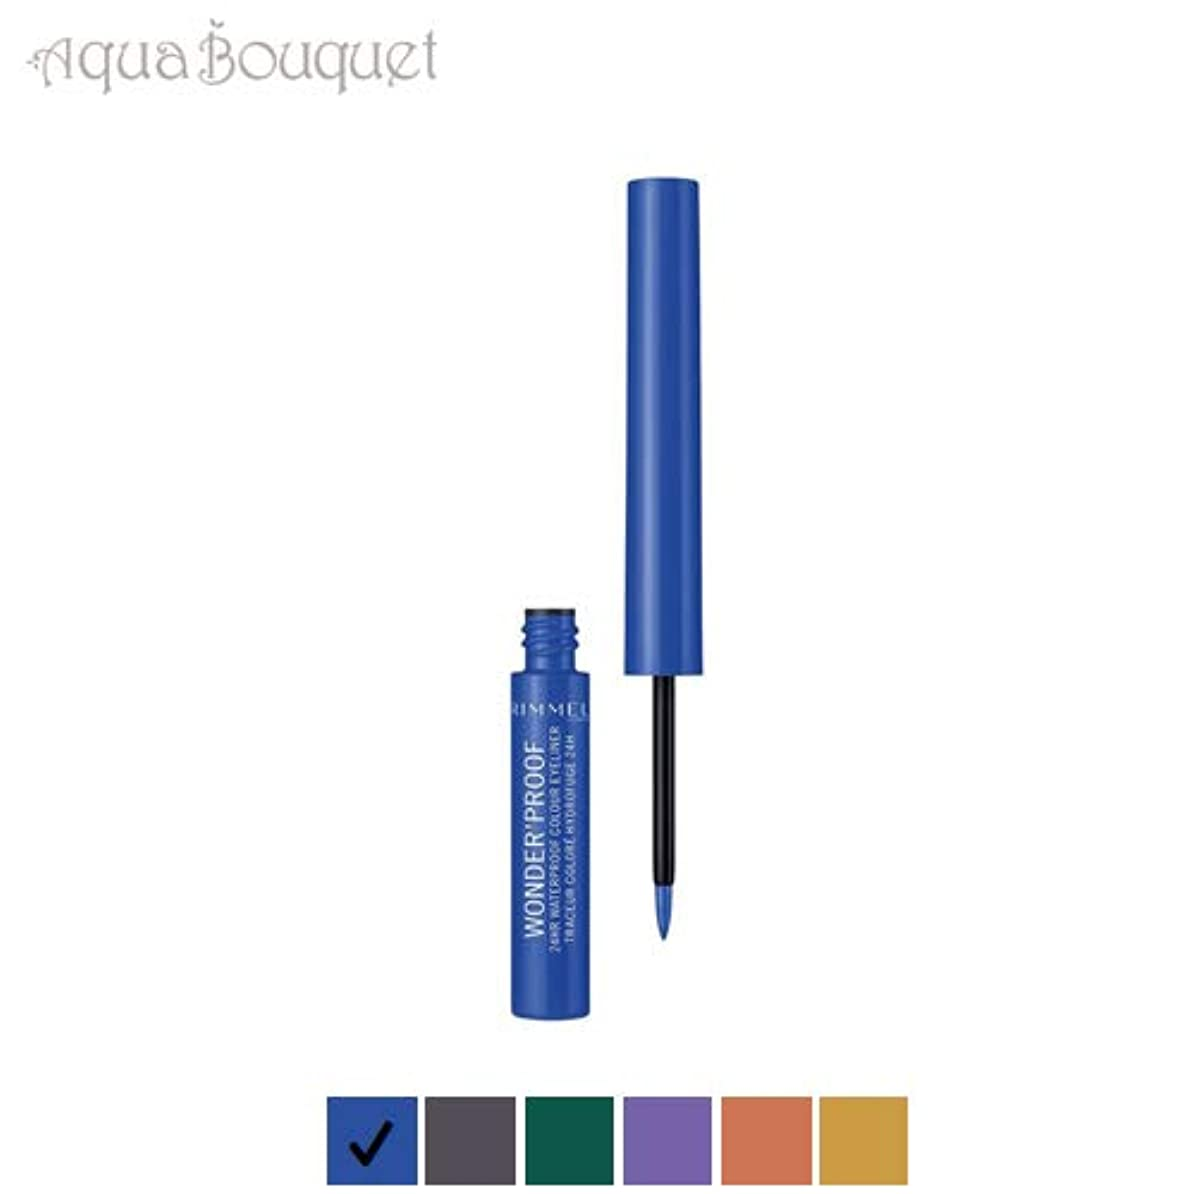 オーバーヘッドディスクログリンメル ワンダープルーフ アイライナー ウォータープルーフ ピュア ブルー (05 PURE BLUE) RIMMEL WONDER'PROOF 24HR WP EYELINER [並行輸入品]